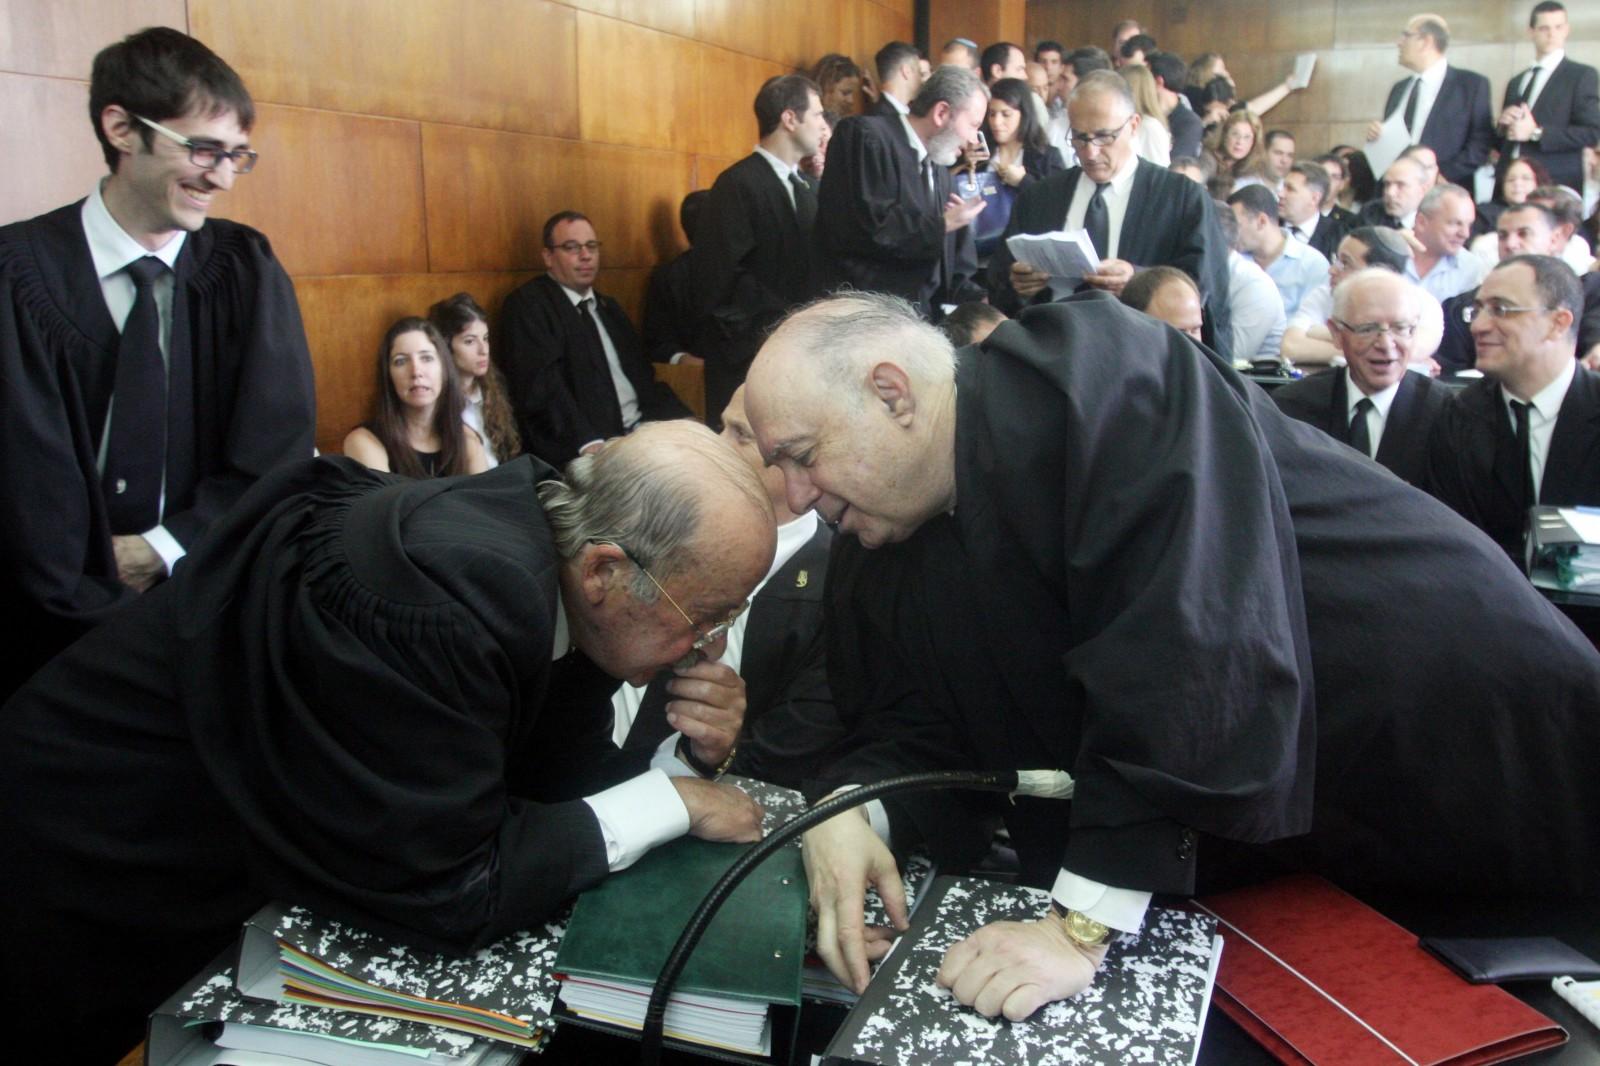 עורכי-הדין רם כספי (שמאל) ופנחס רובין אתמול בבית-המשפט, בדיון בבקשת נושי אי.די.בי פיתוח (צילום: רוני שיצר)